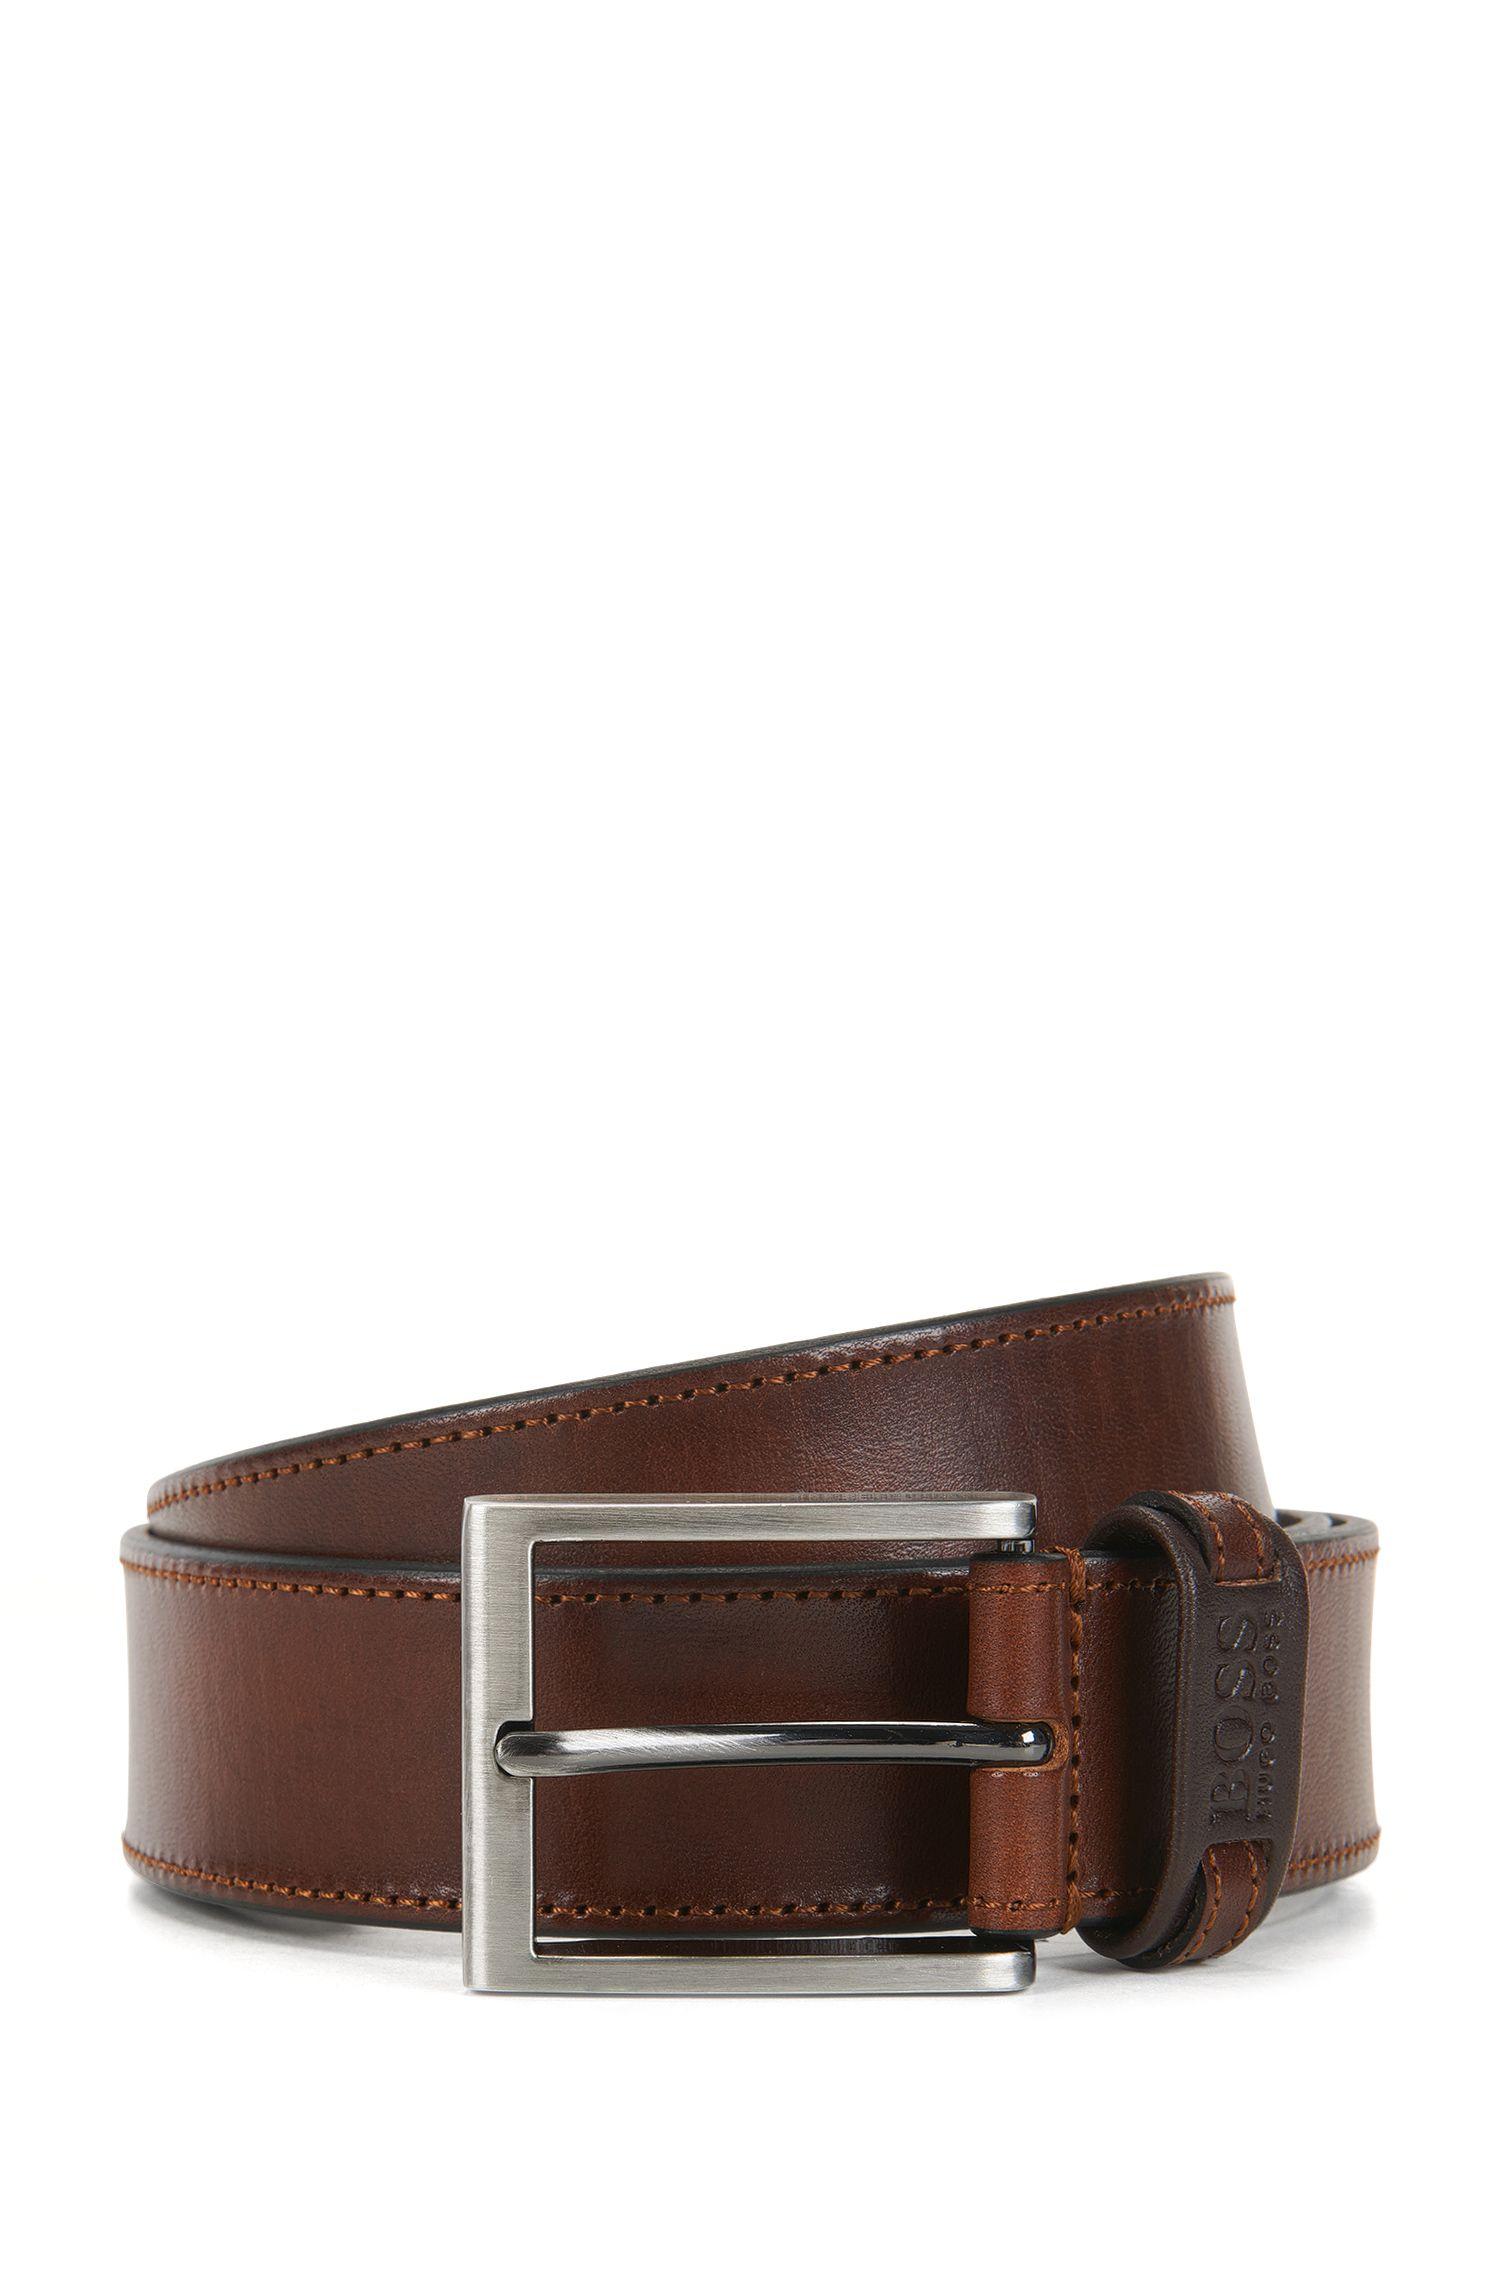 Cinturón de piel con costuras tonales